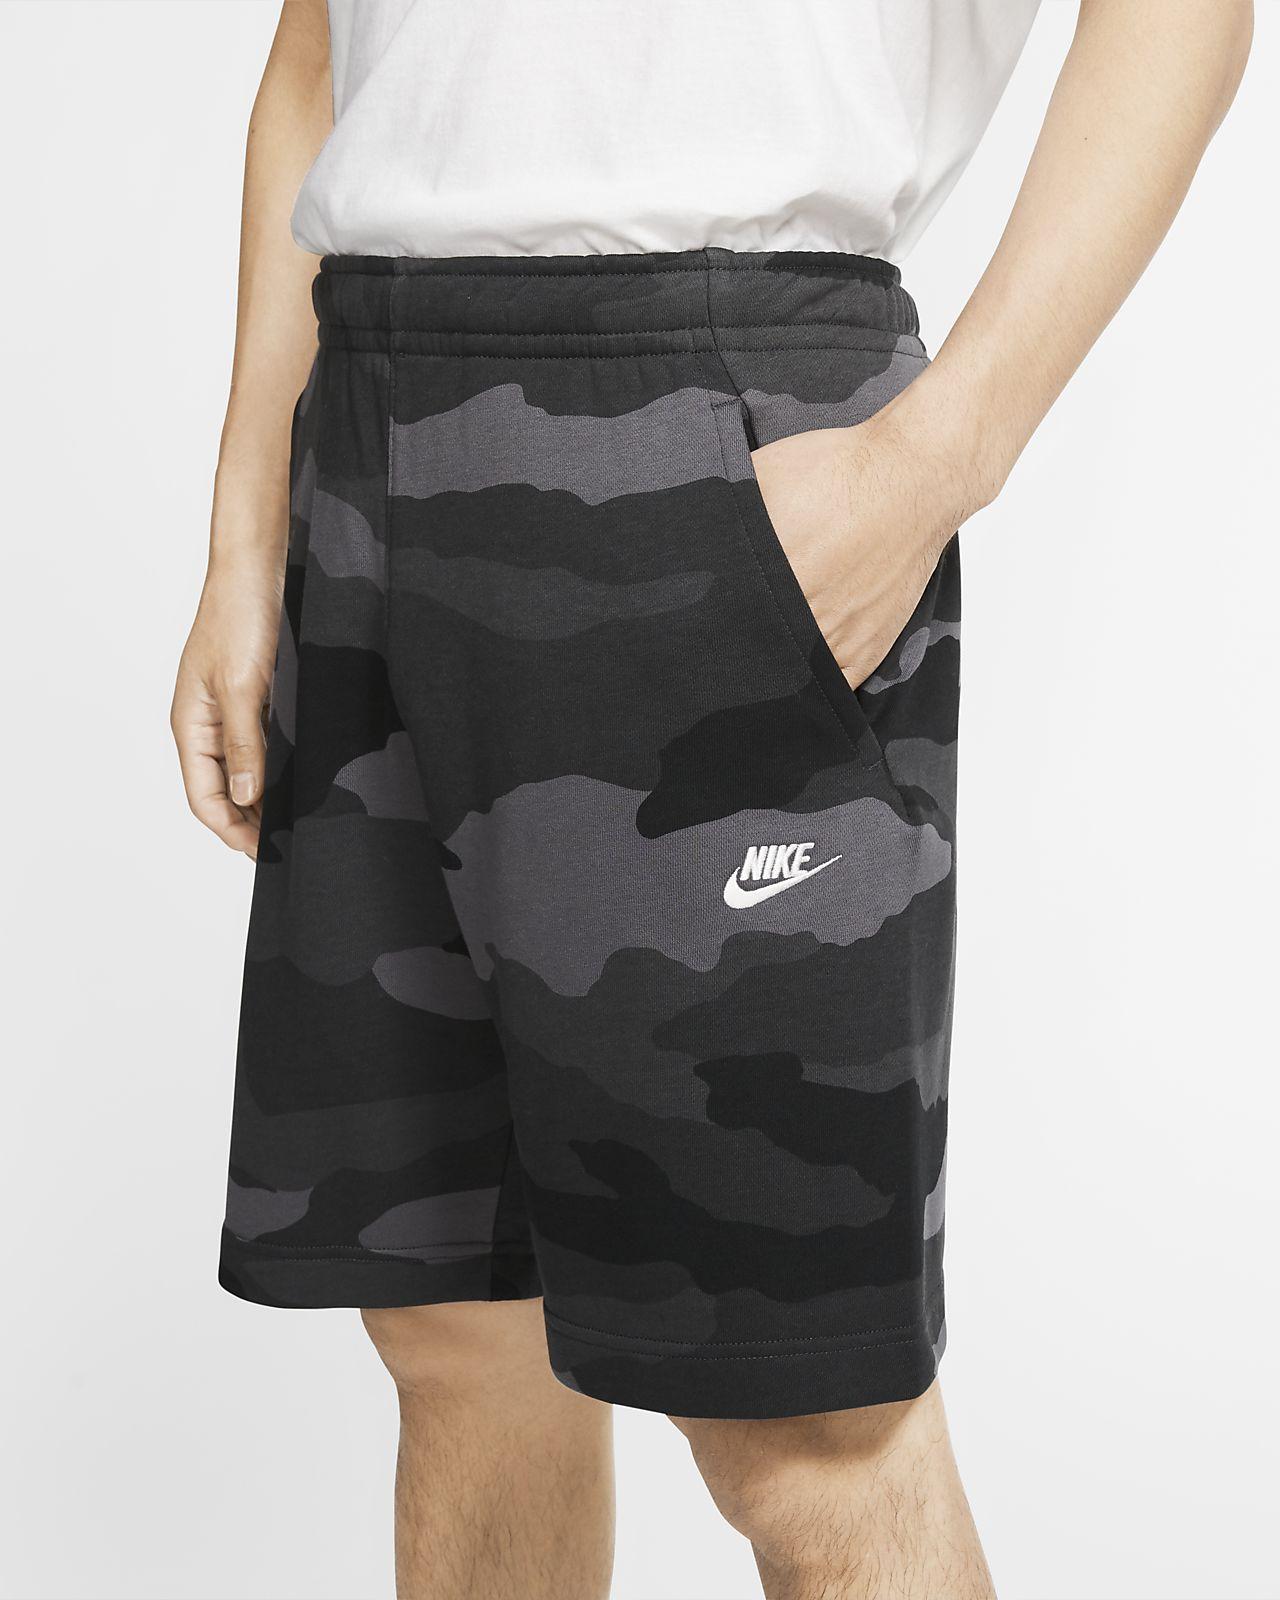 ナイキ スポーツウェア クラブ メンズ フレンチ テリー カモ ショートパンツ